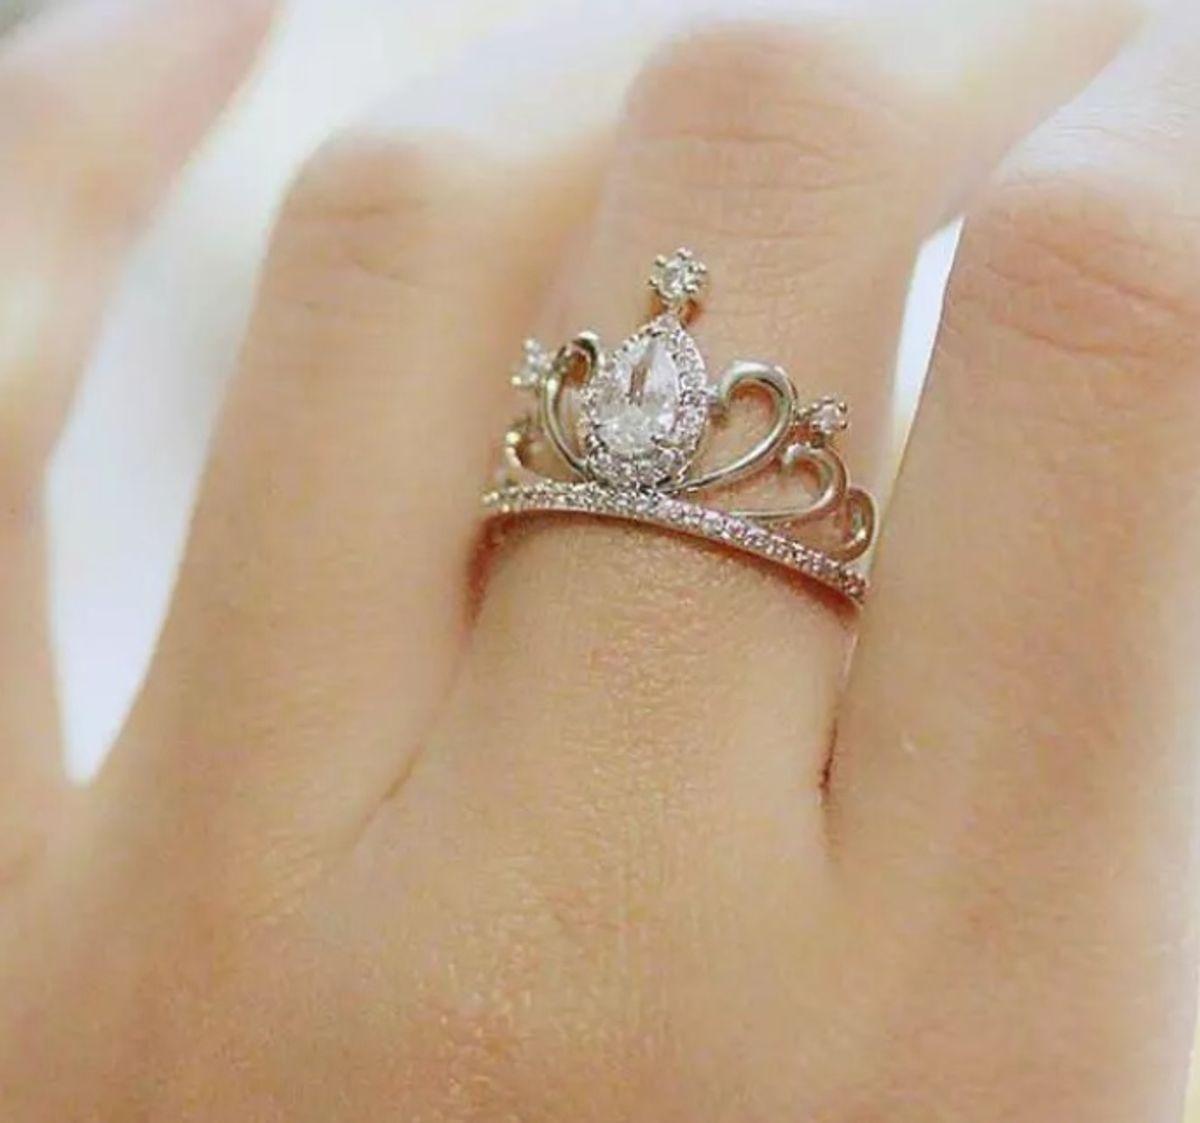 51b0168a10b anel aliança coroa princesa em prata 925 luxo pave zirconias lindo - jóias  life